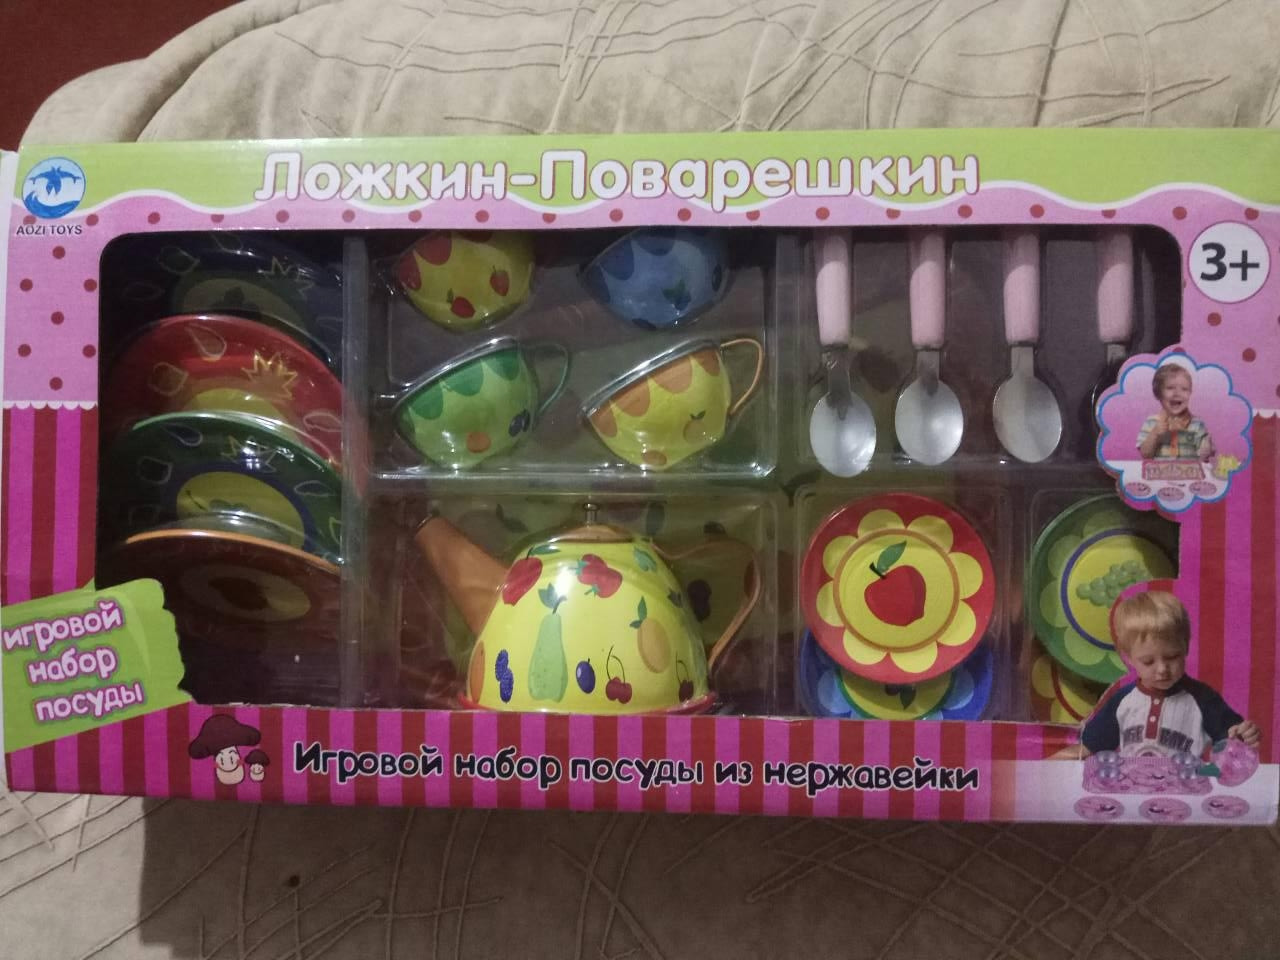 Набор посуды 9798-2 из нержавейки Ложкин- Поварешкин